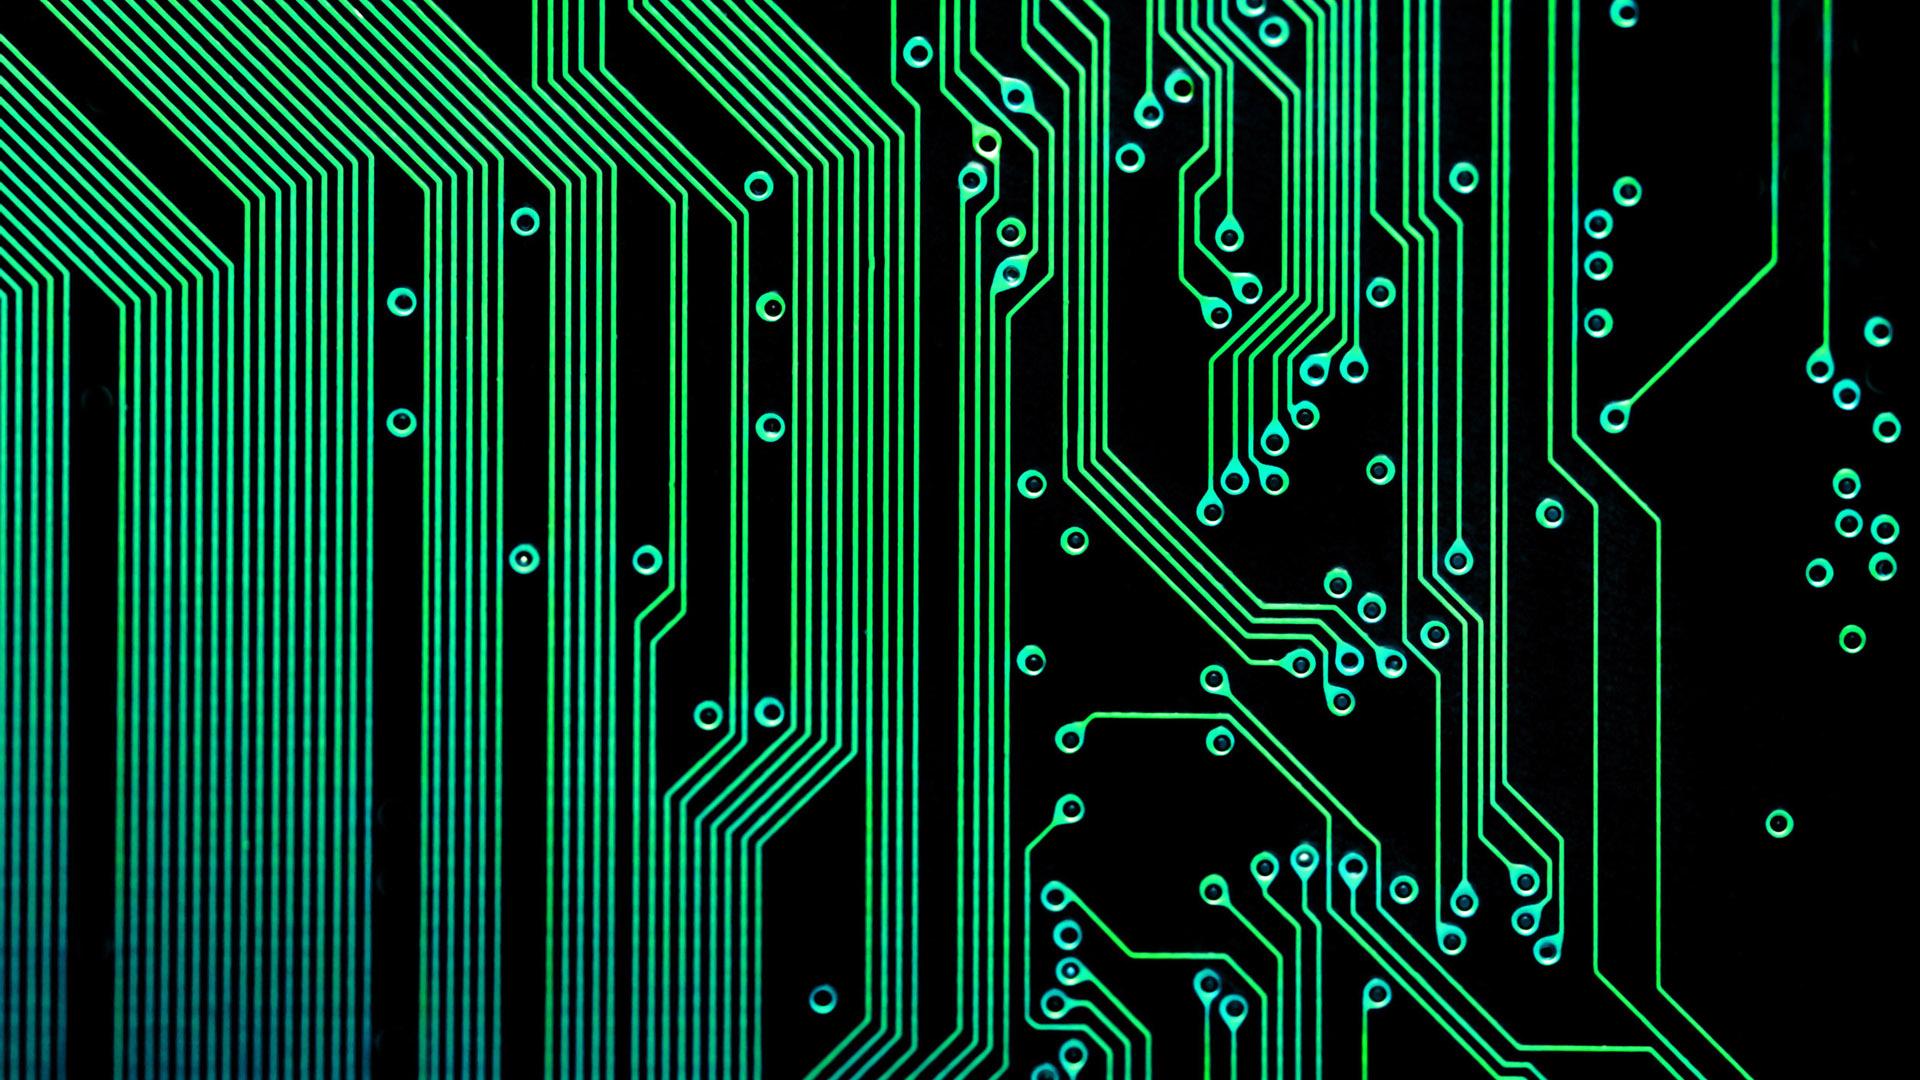 45 Electronic Circuit Wallpaper On Wallpapersafari